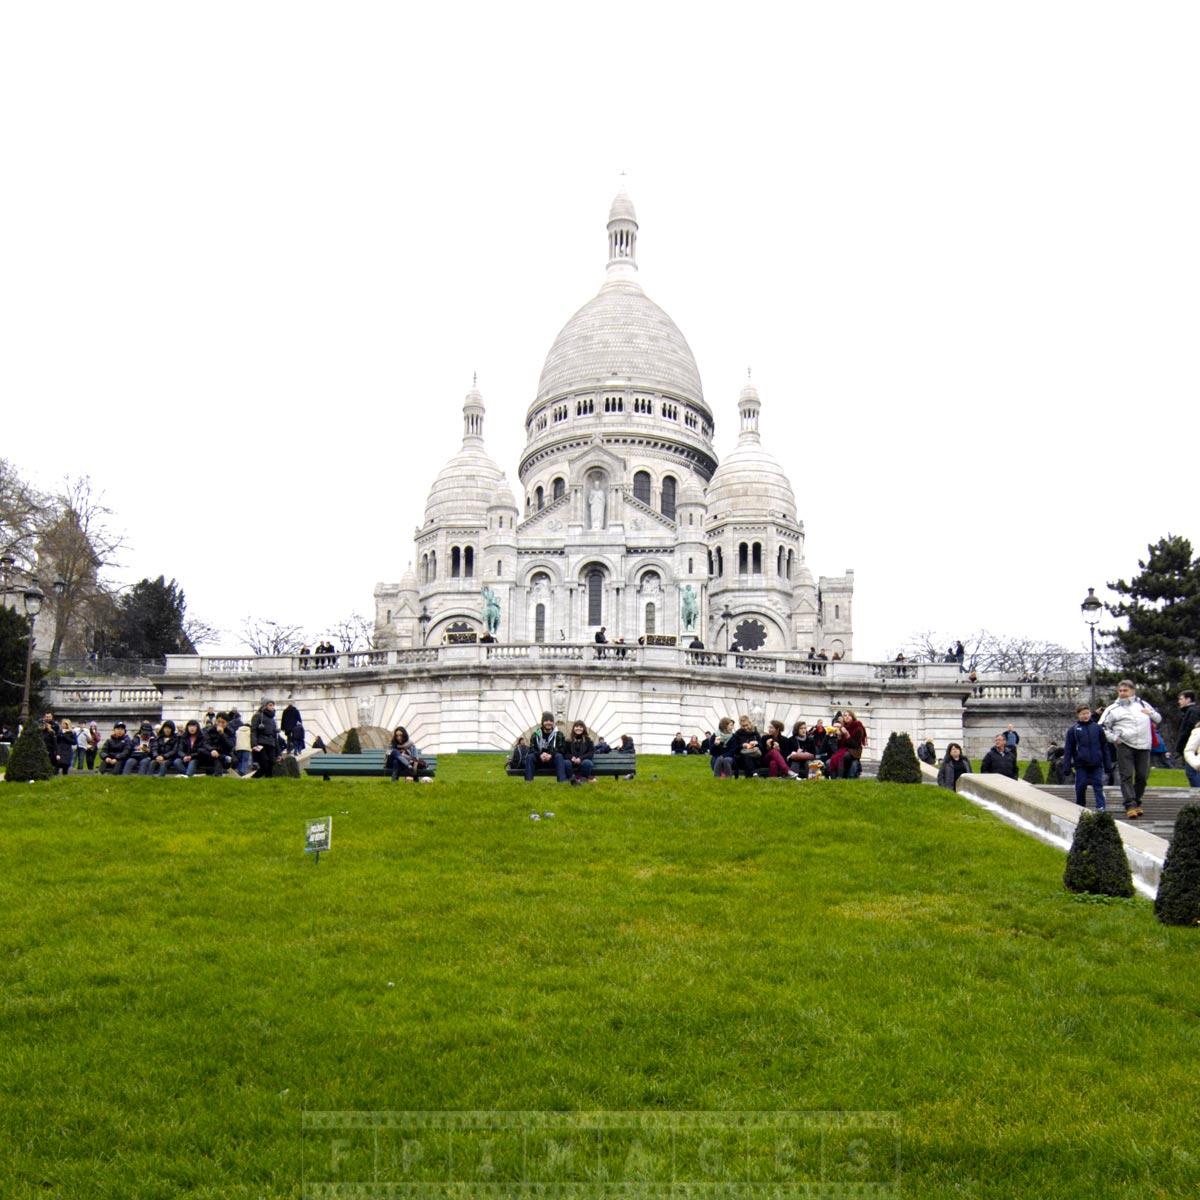 Sacre Coeur basilica - famous landmark in Montmartre, Paris, France